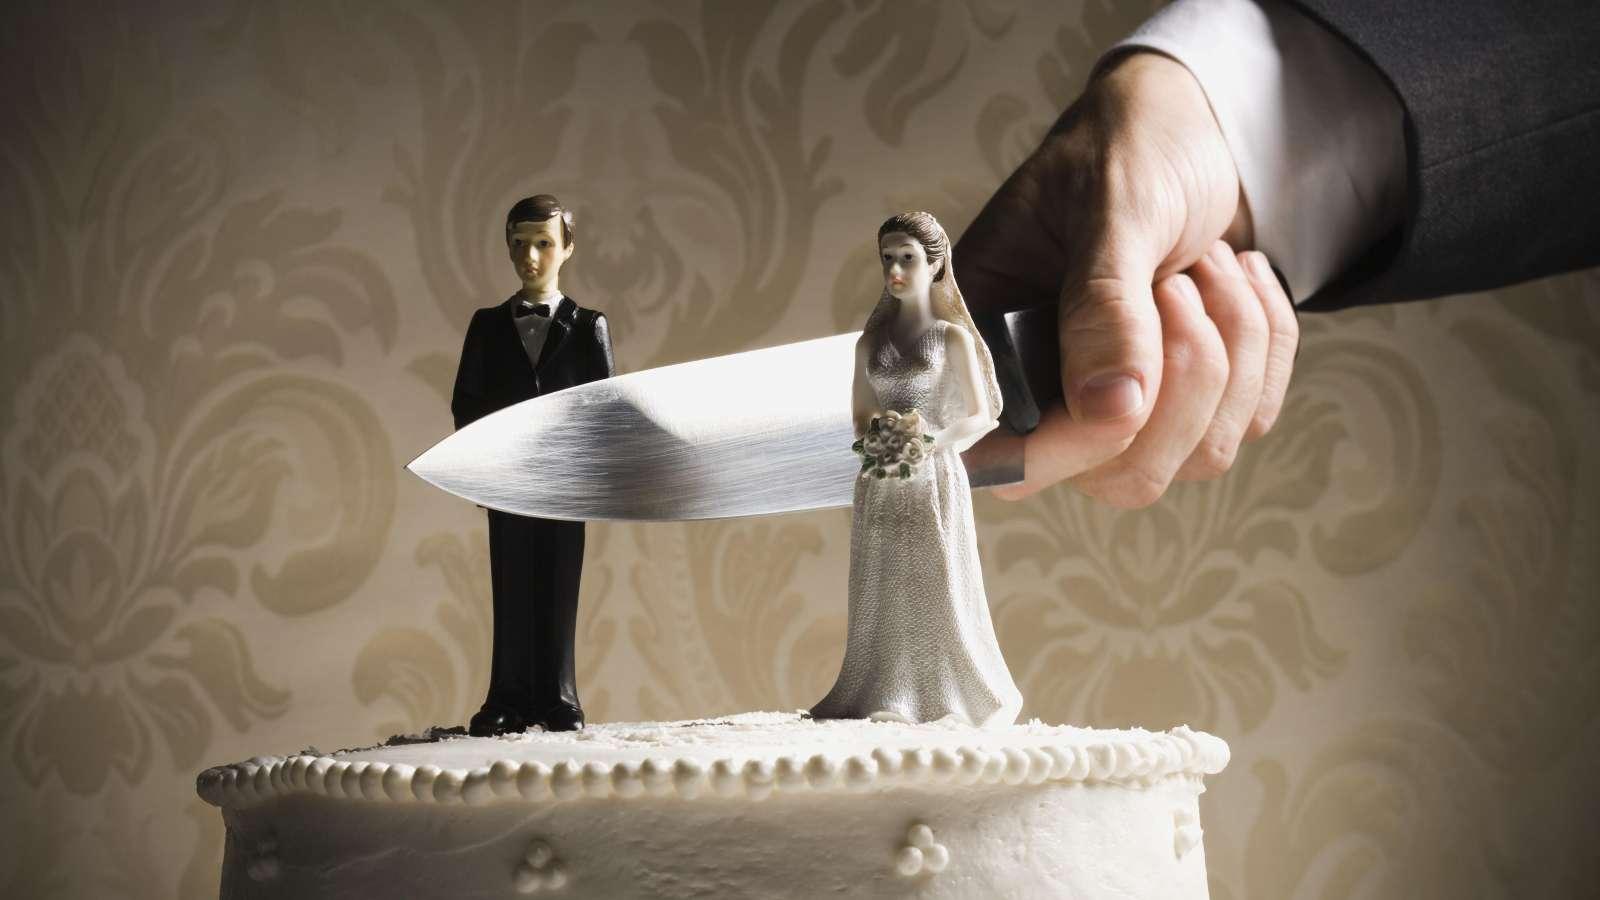 Pomoću savjetnice sam spasila svoj brak!